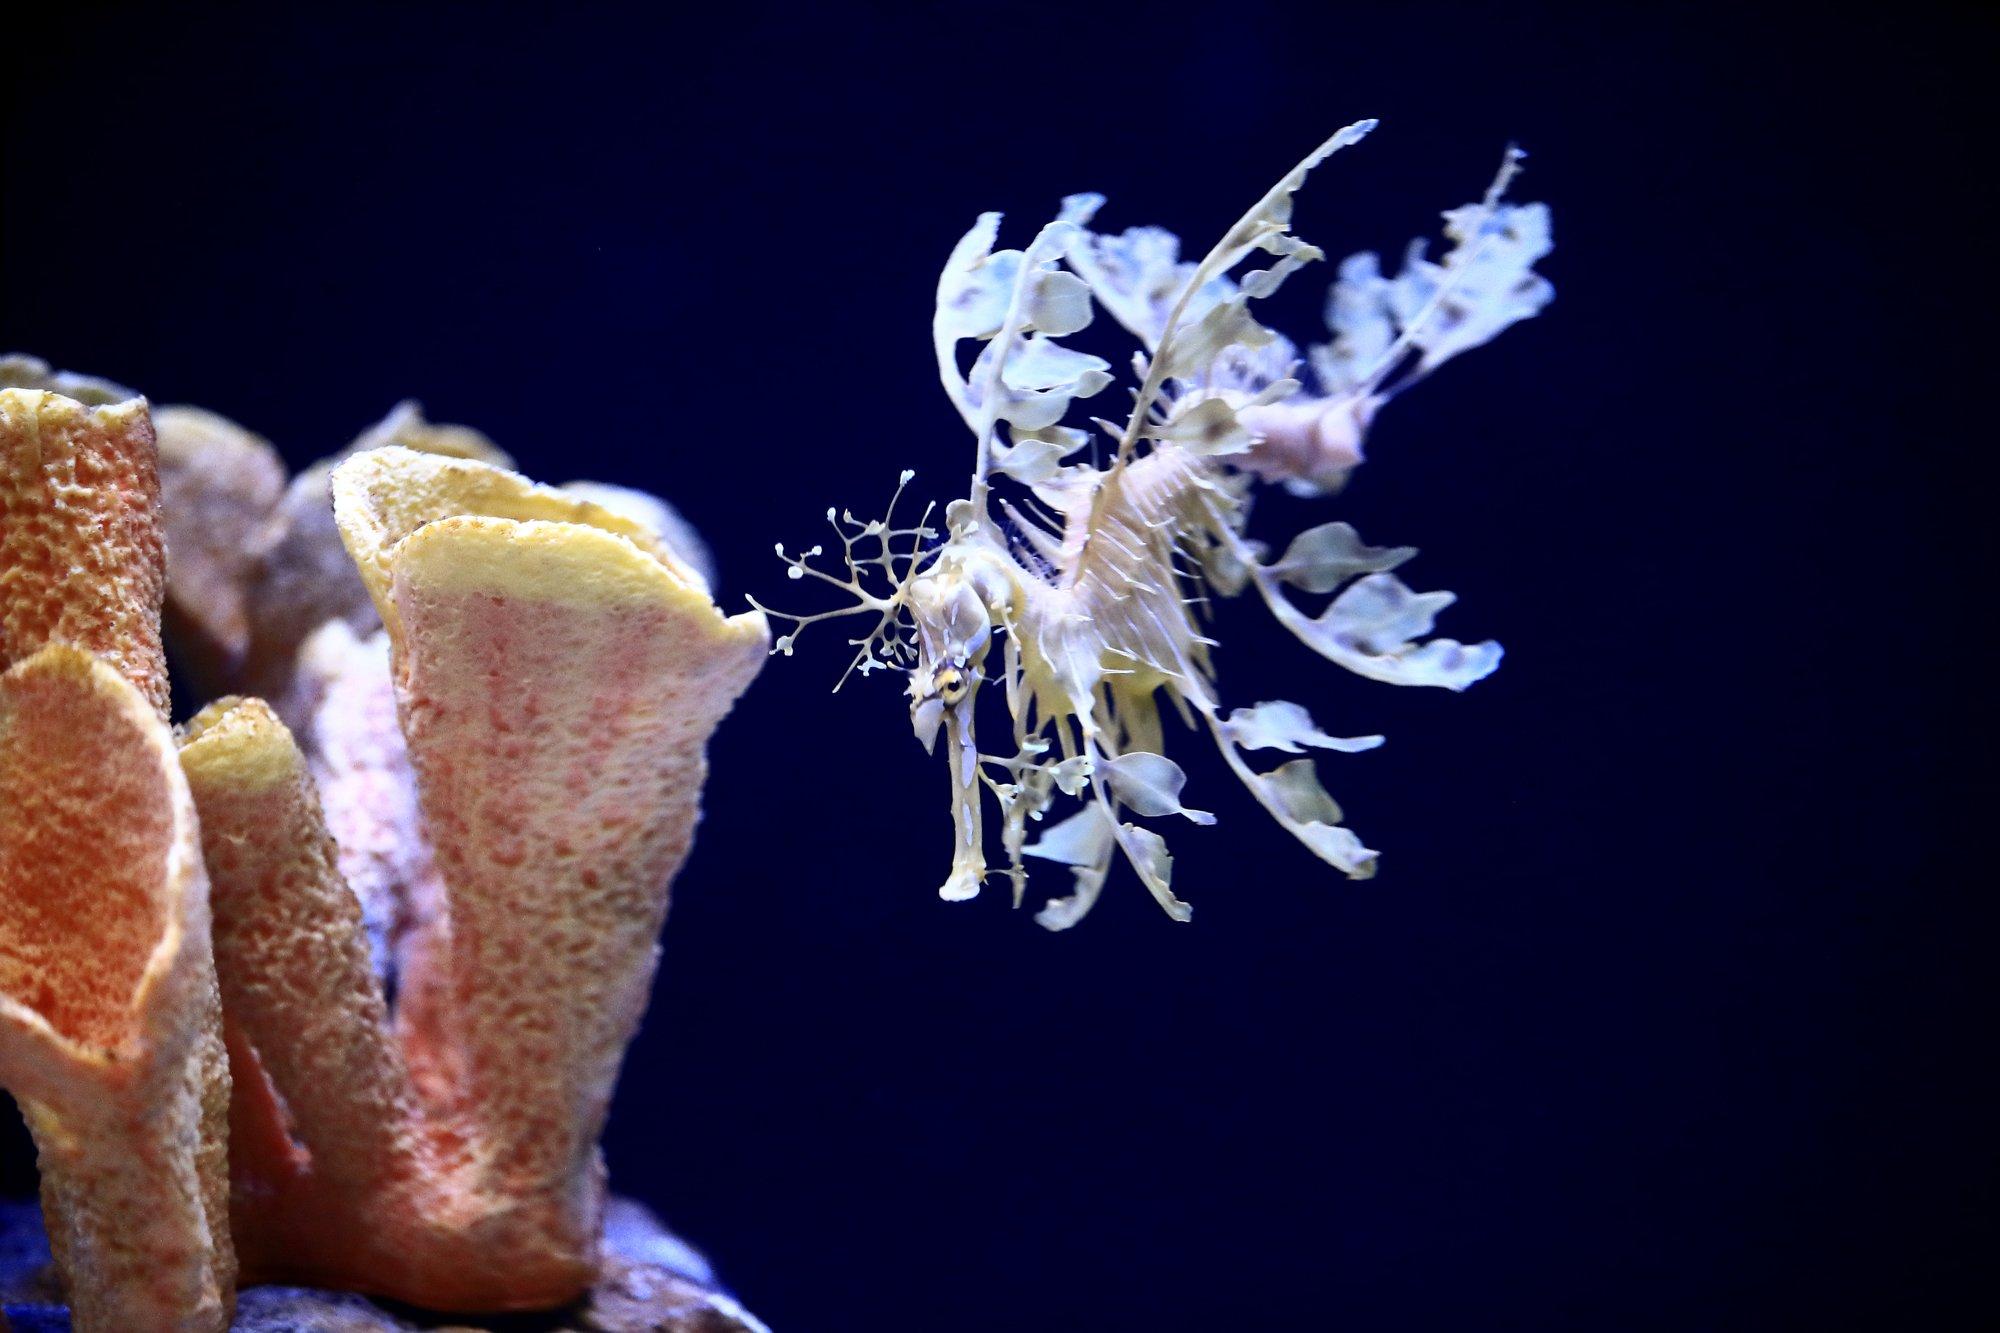 Sea dragon exhibit dazzles visitors at California aquarium